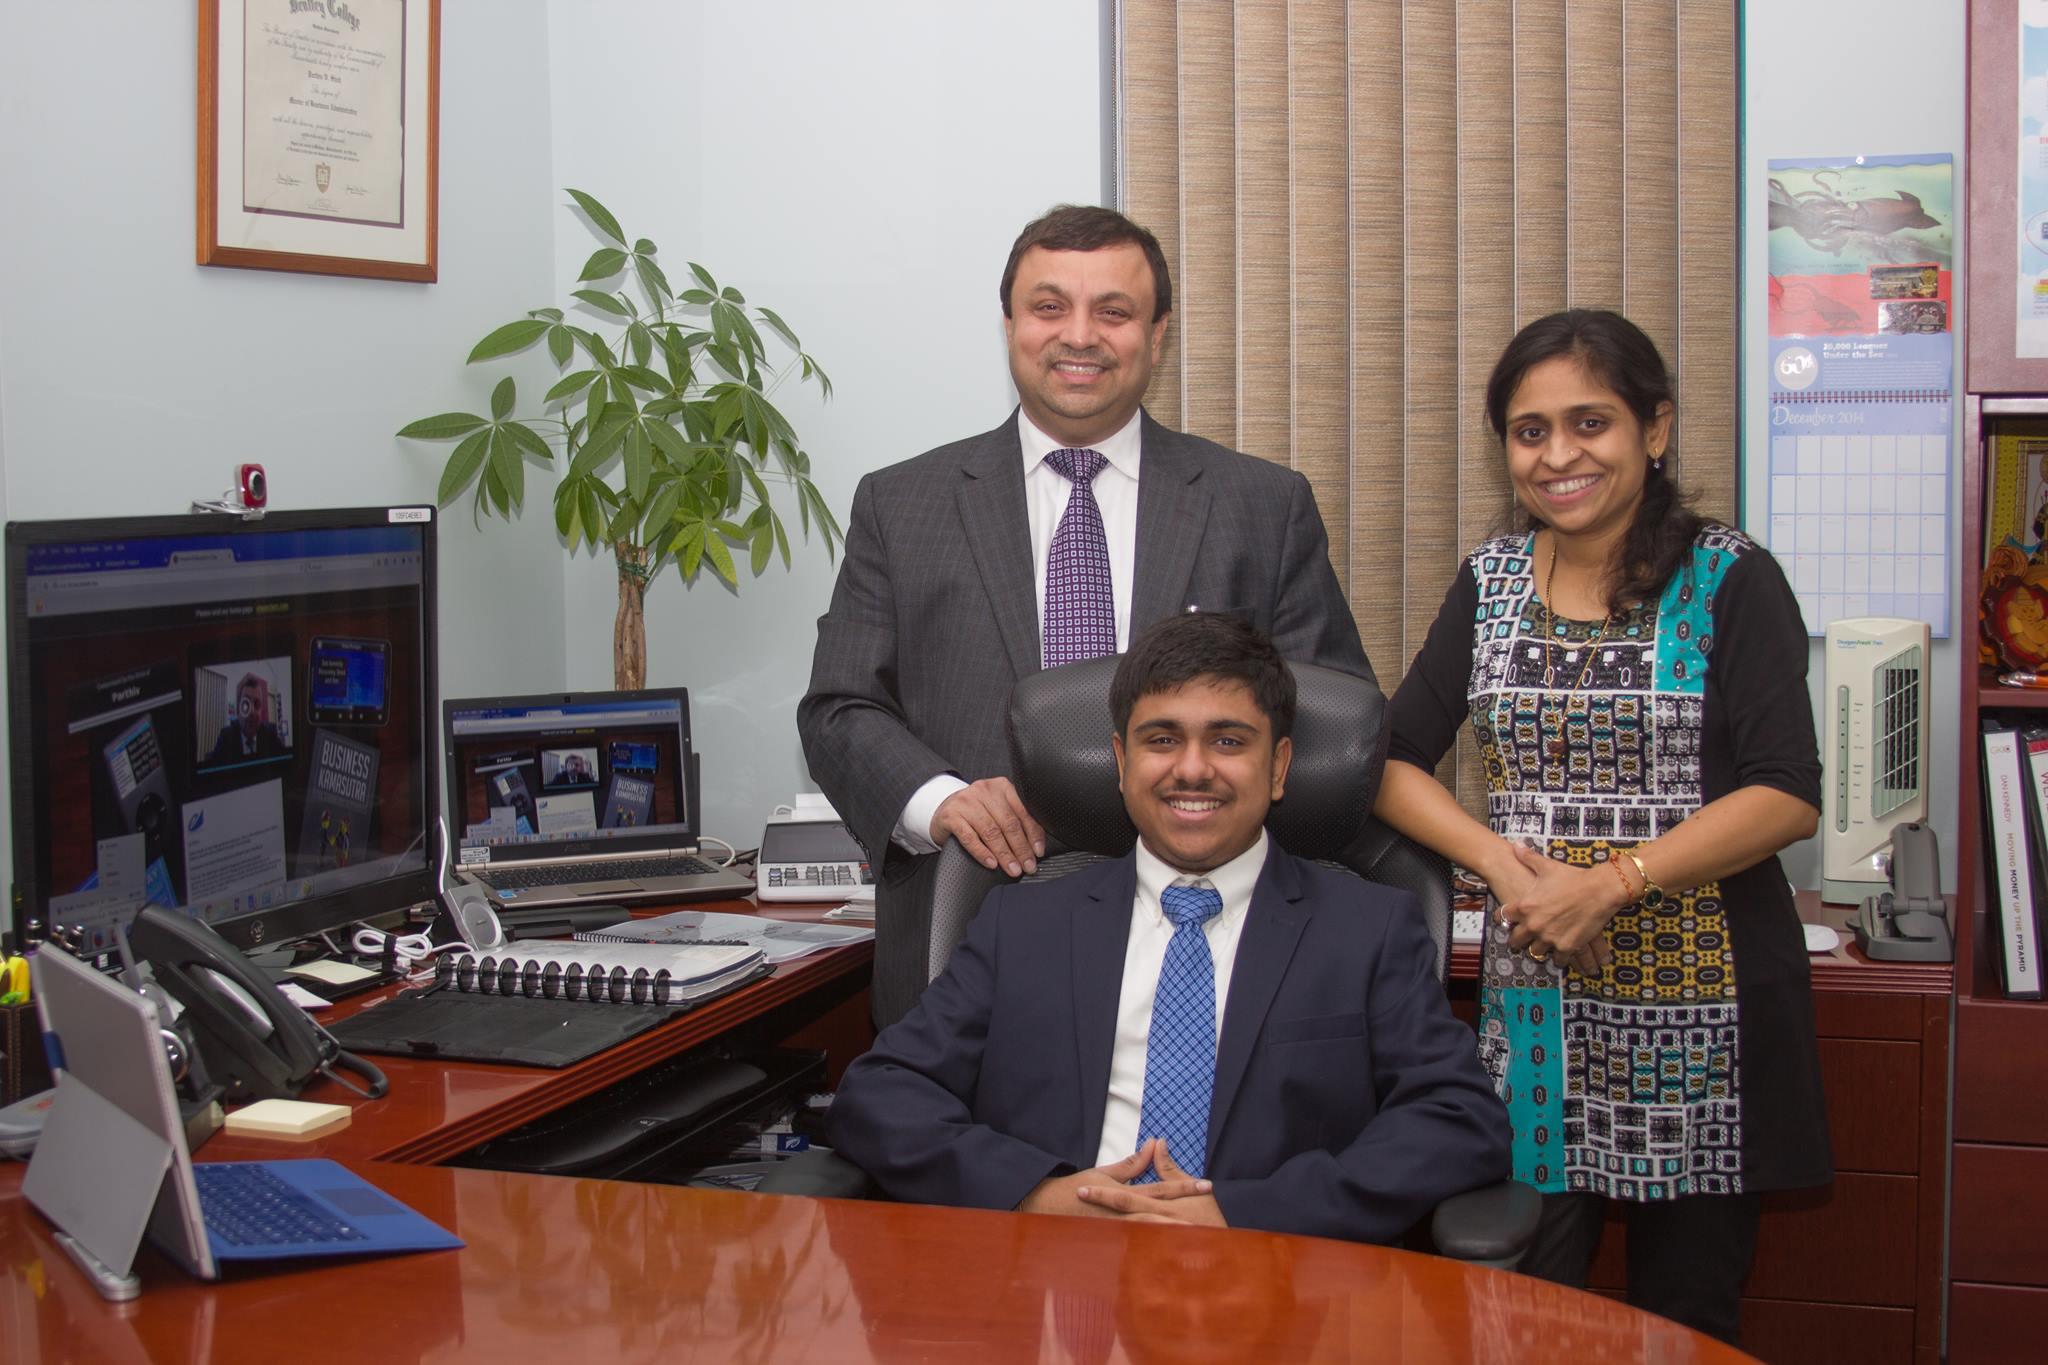 parthiv family